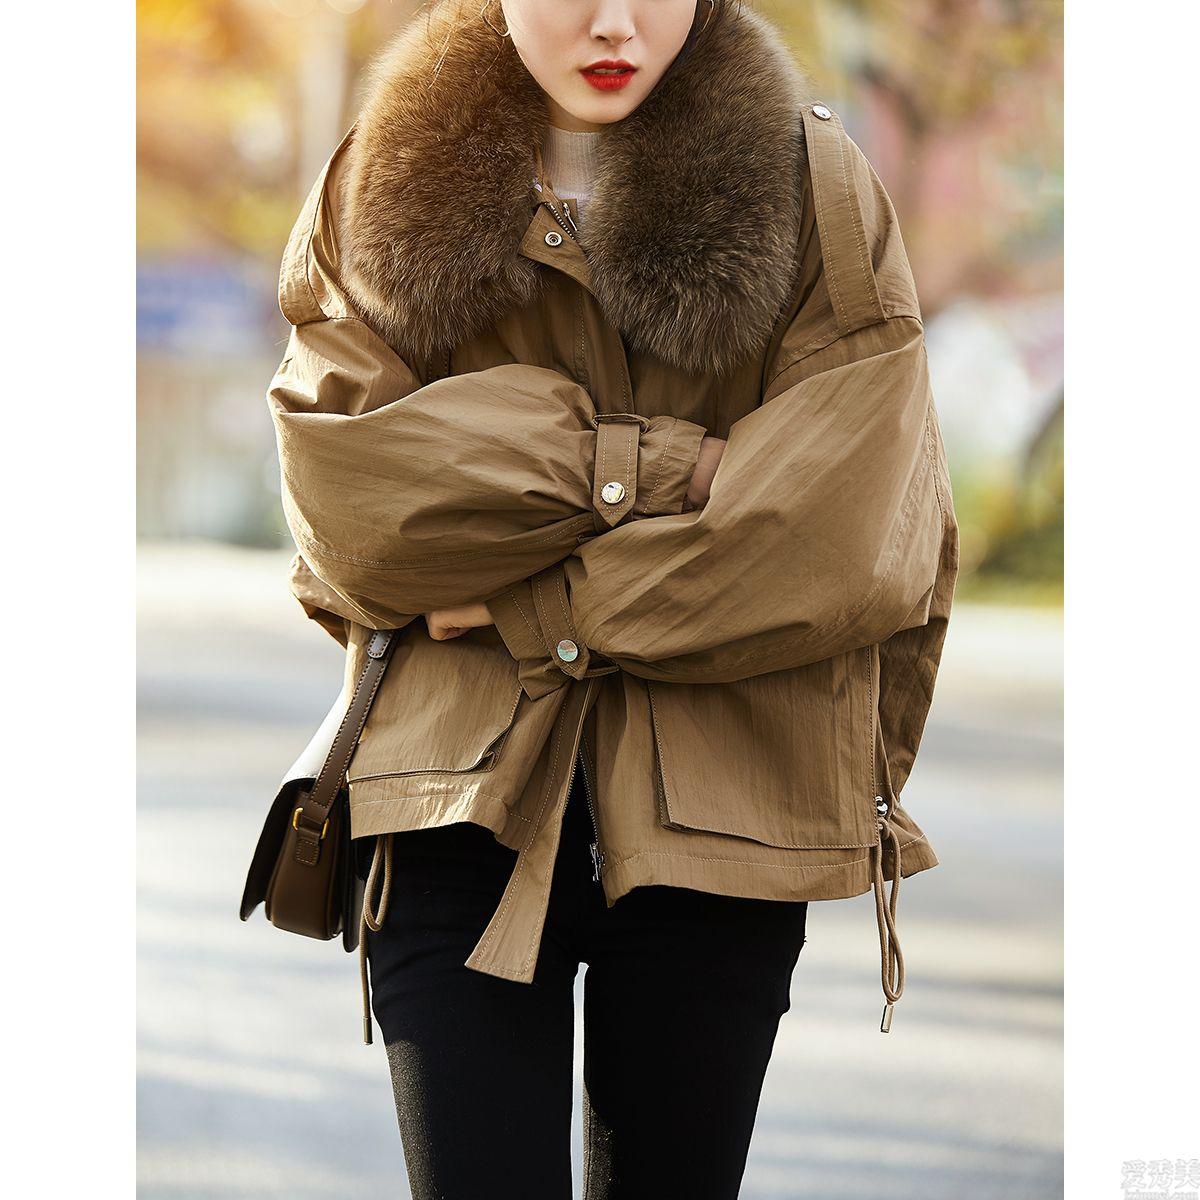 奔四的職場女人,穿著打扮要有等級!冬季那般配搭,走哪都氣場十足